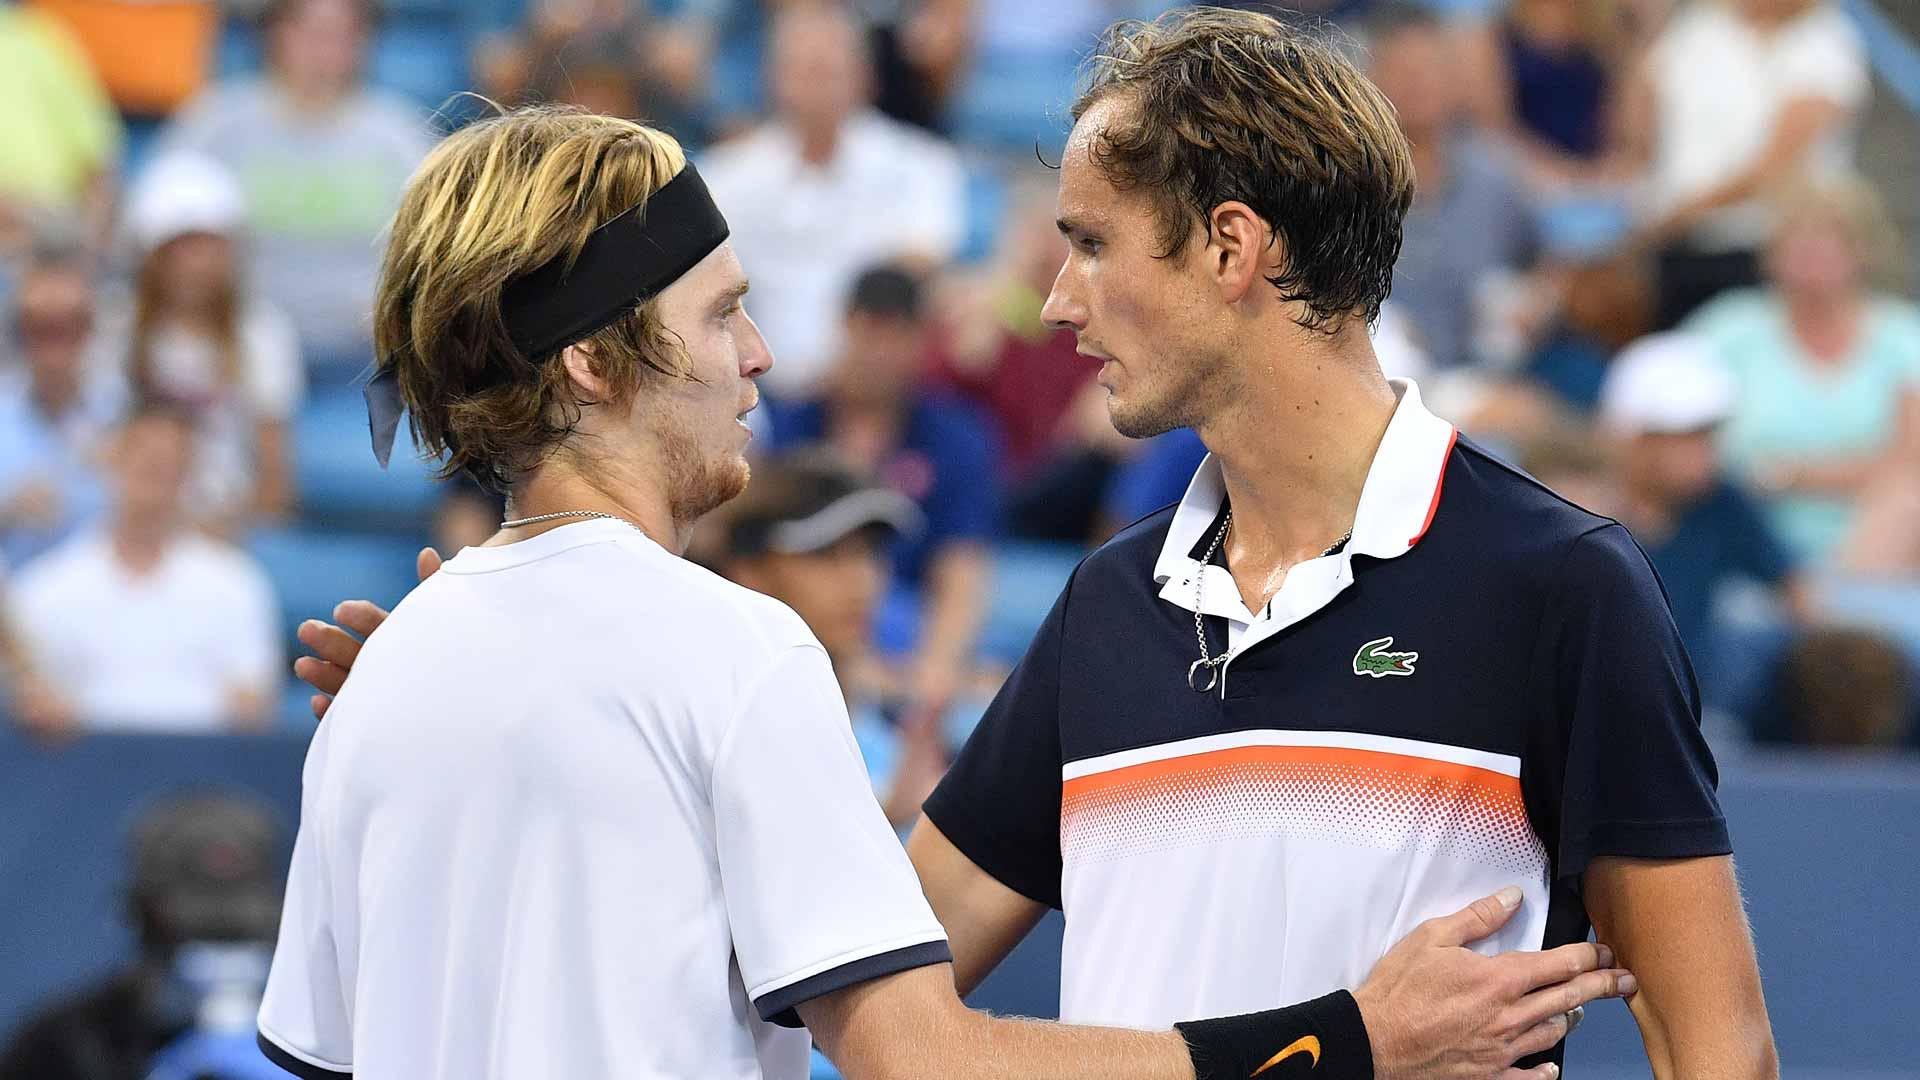 Медведев и Рублев принесли России победу в ATP Cup